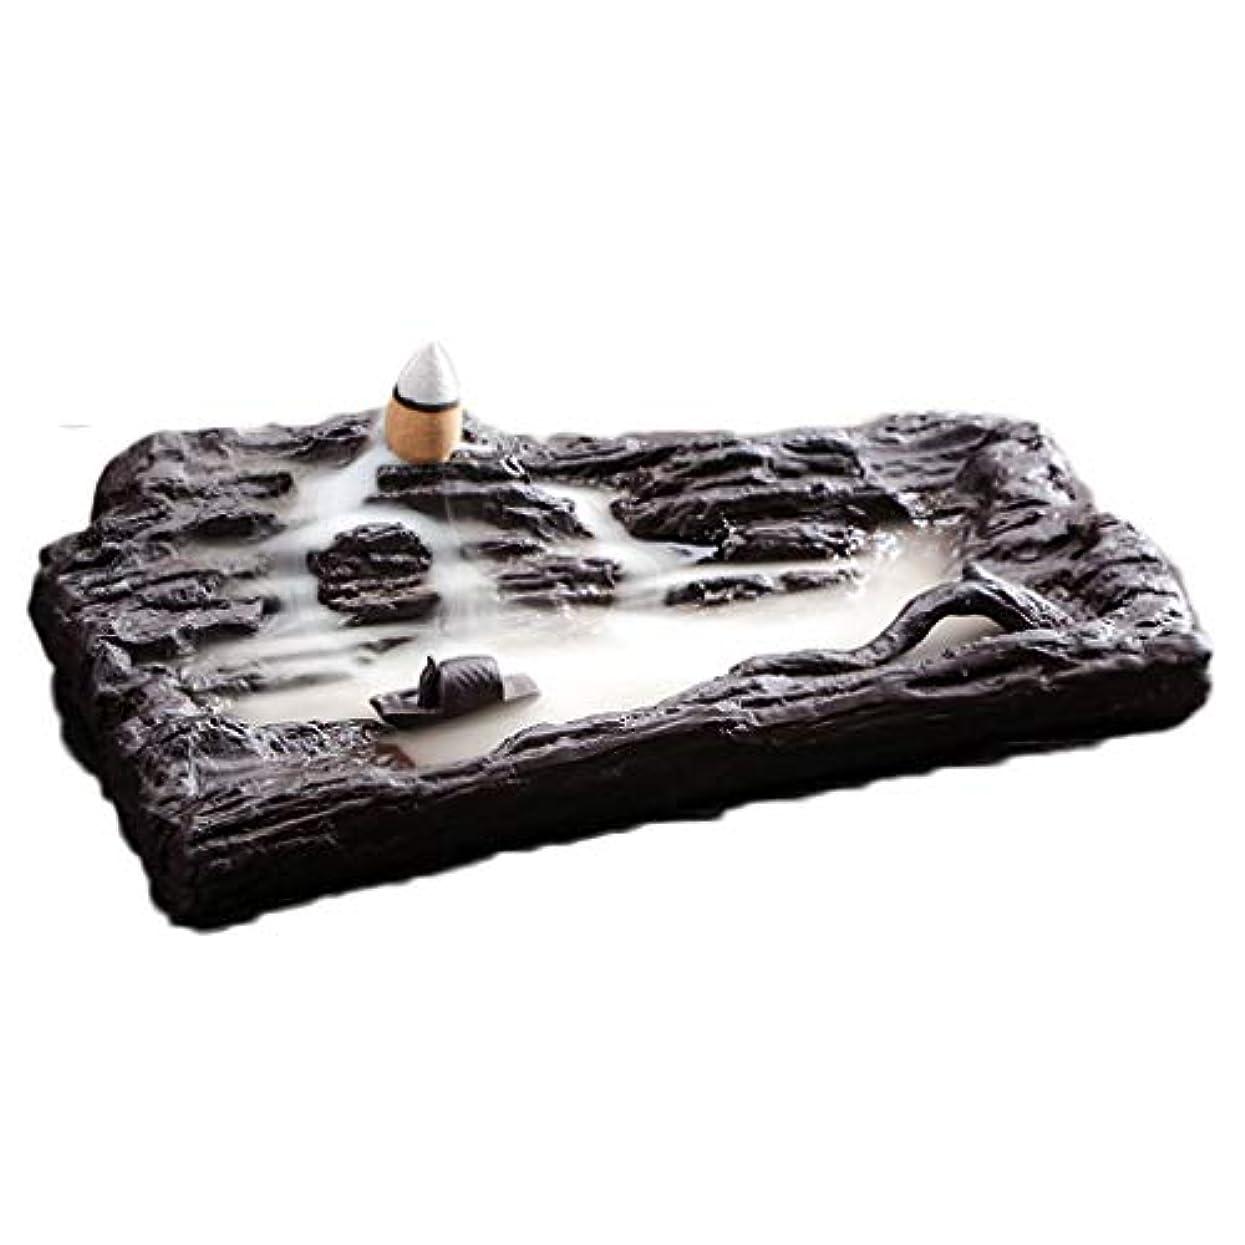 いつもアスペクト銃芳香器?アロマバーナー レトロな懐かしい香炉紫砂香バーナー屋内茶道香バーナーアロマセラピー炉 アロマバーナー (Color : Purple sand)